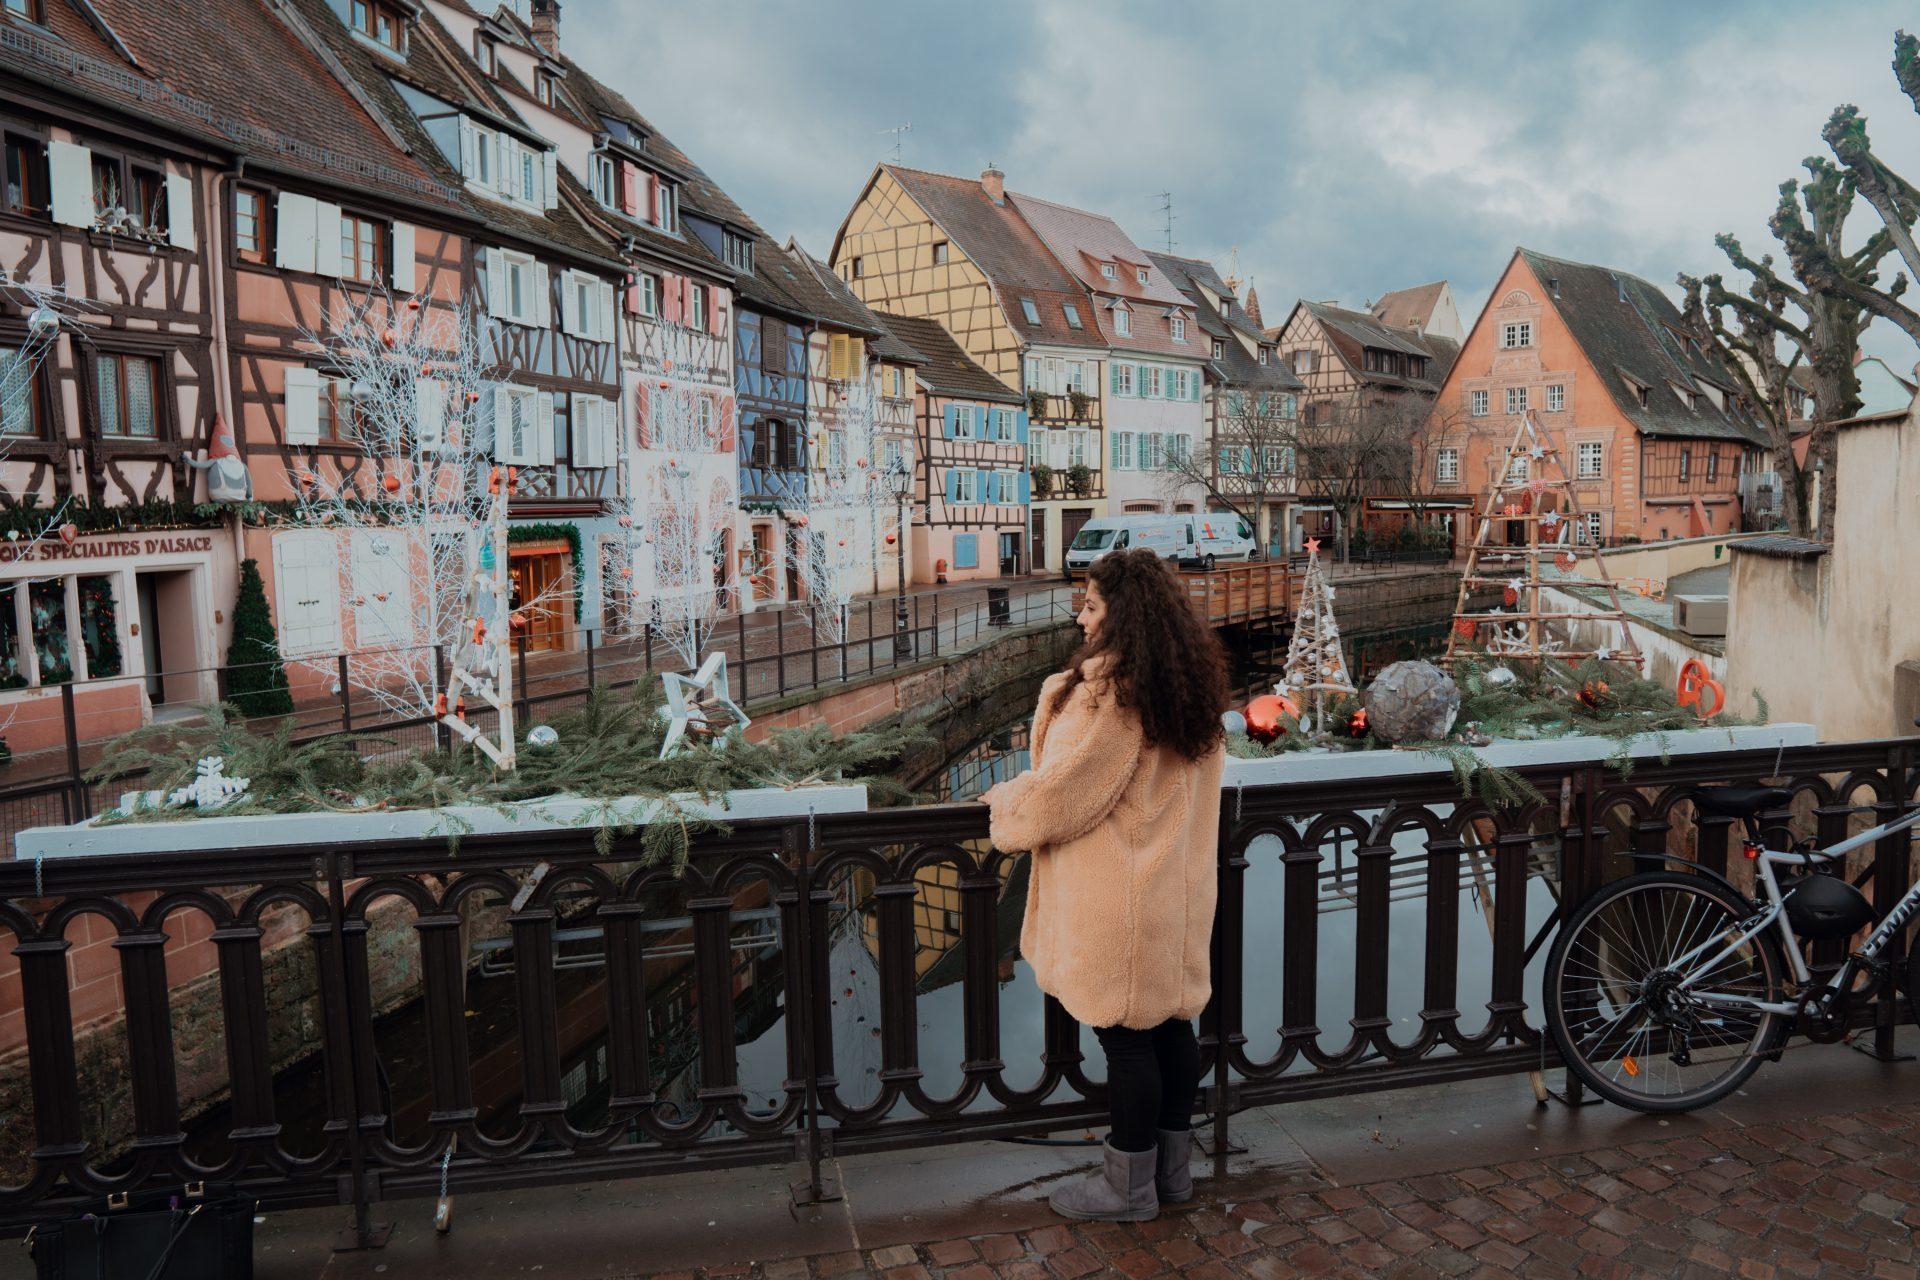 Qué ver en Colmar en un día